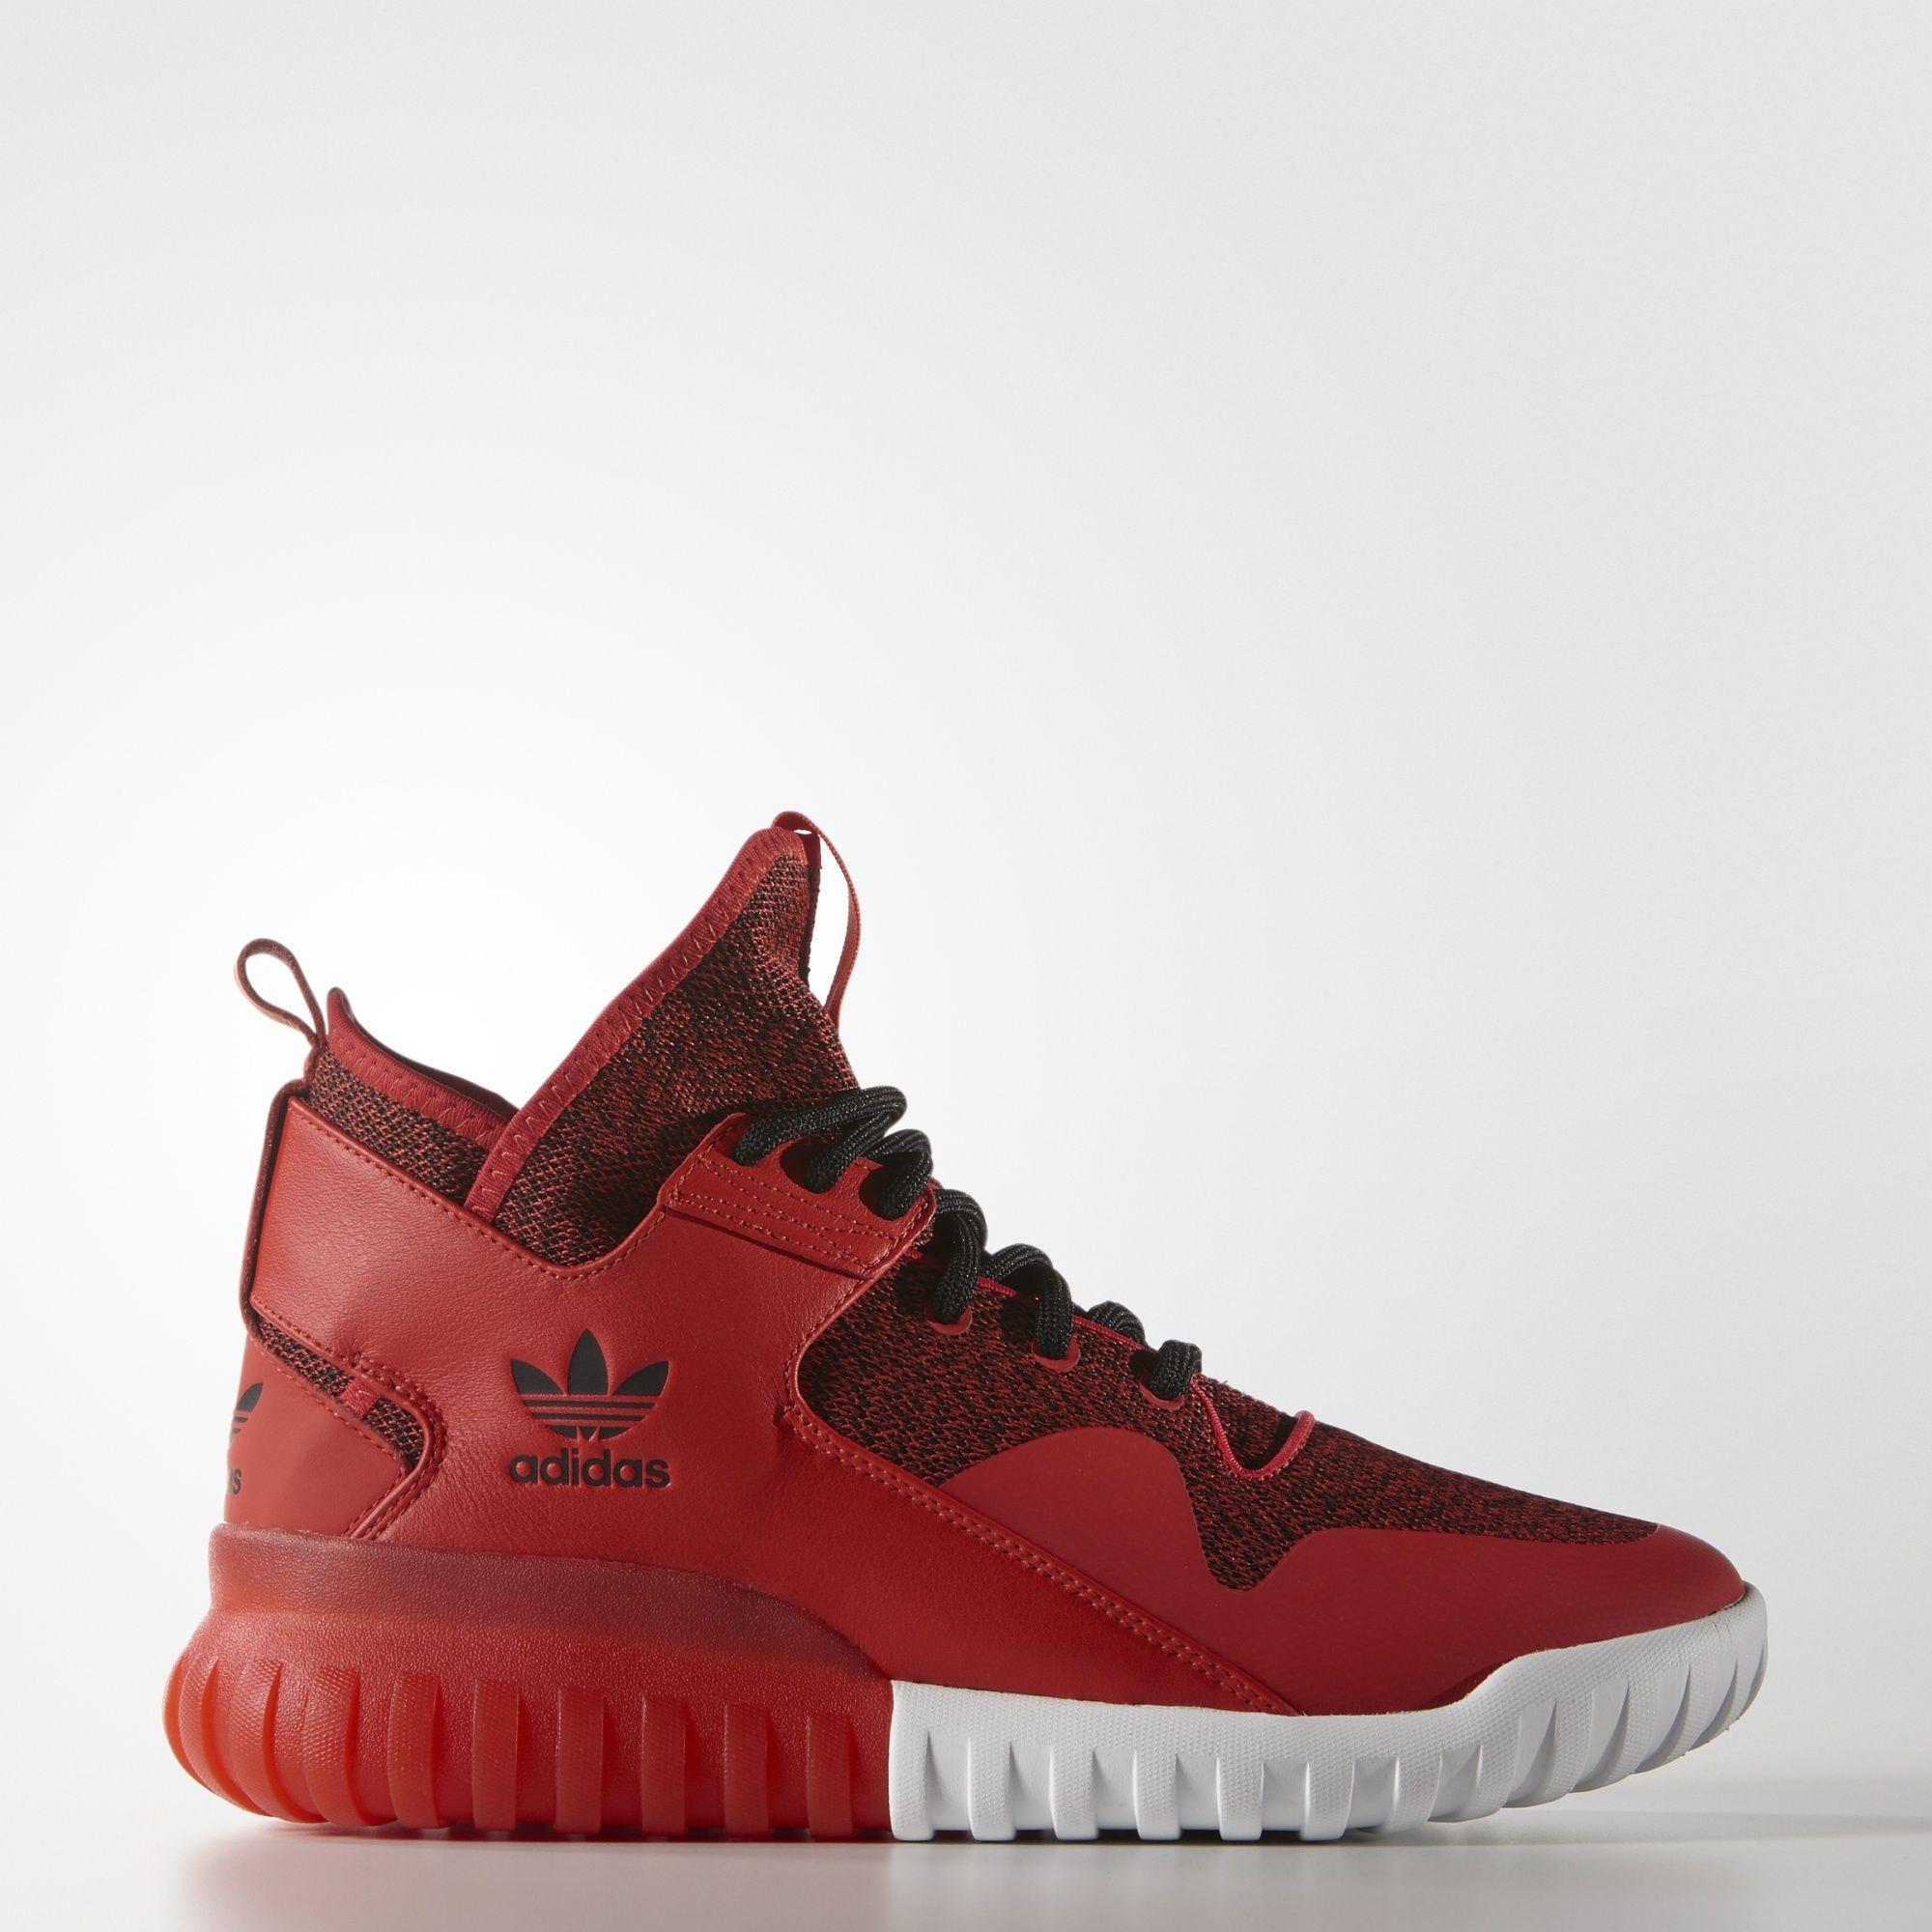 adidas - Tubular X Shoes